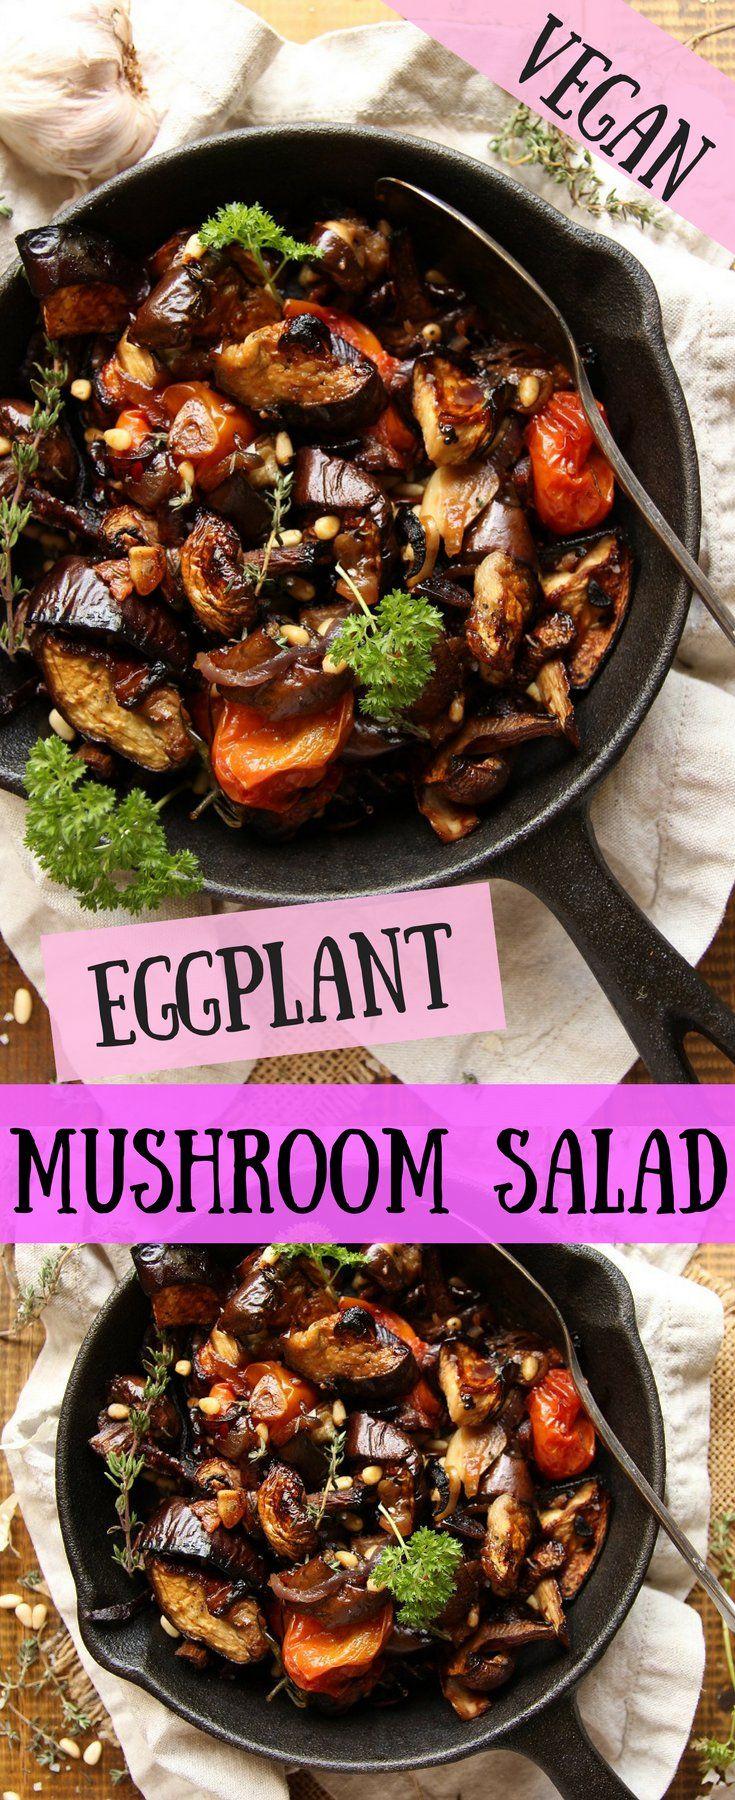 Roasted Eggplant Mushroom Salad Vegan Let S Brighten Up Recipe Mushroom Salad Stuffed Mushrooms Healthy Recipes